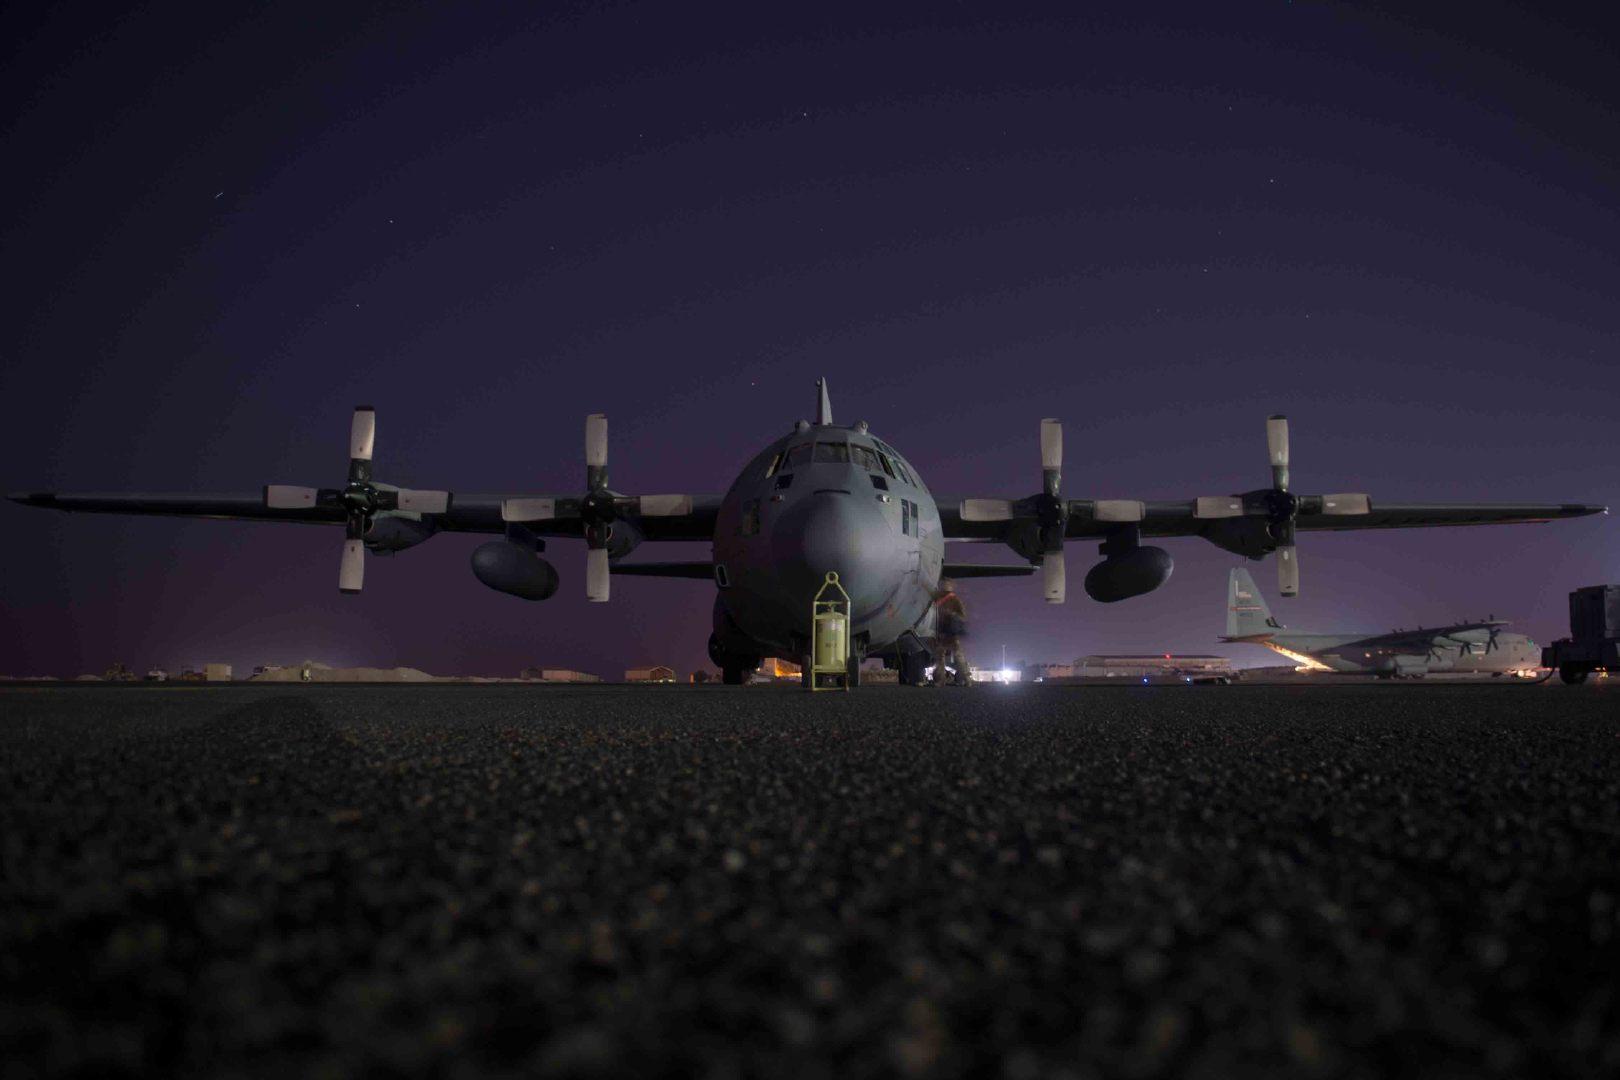 美国空军和陆军共同为CENTCOM防空和导弹防御演习 2020年10月22日